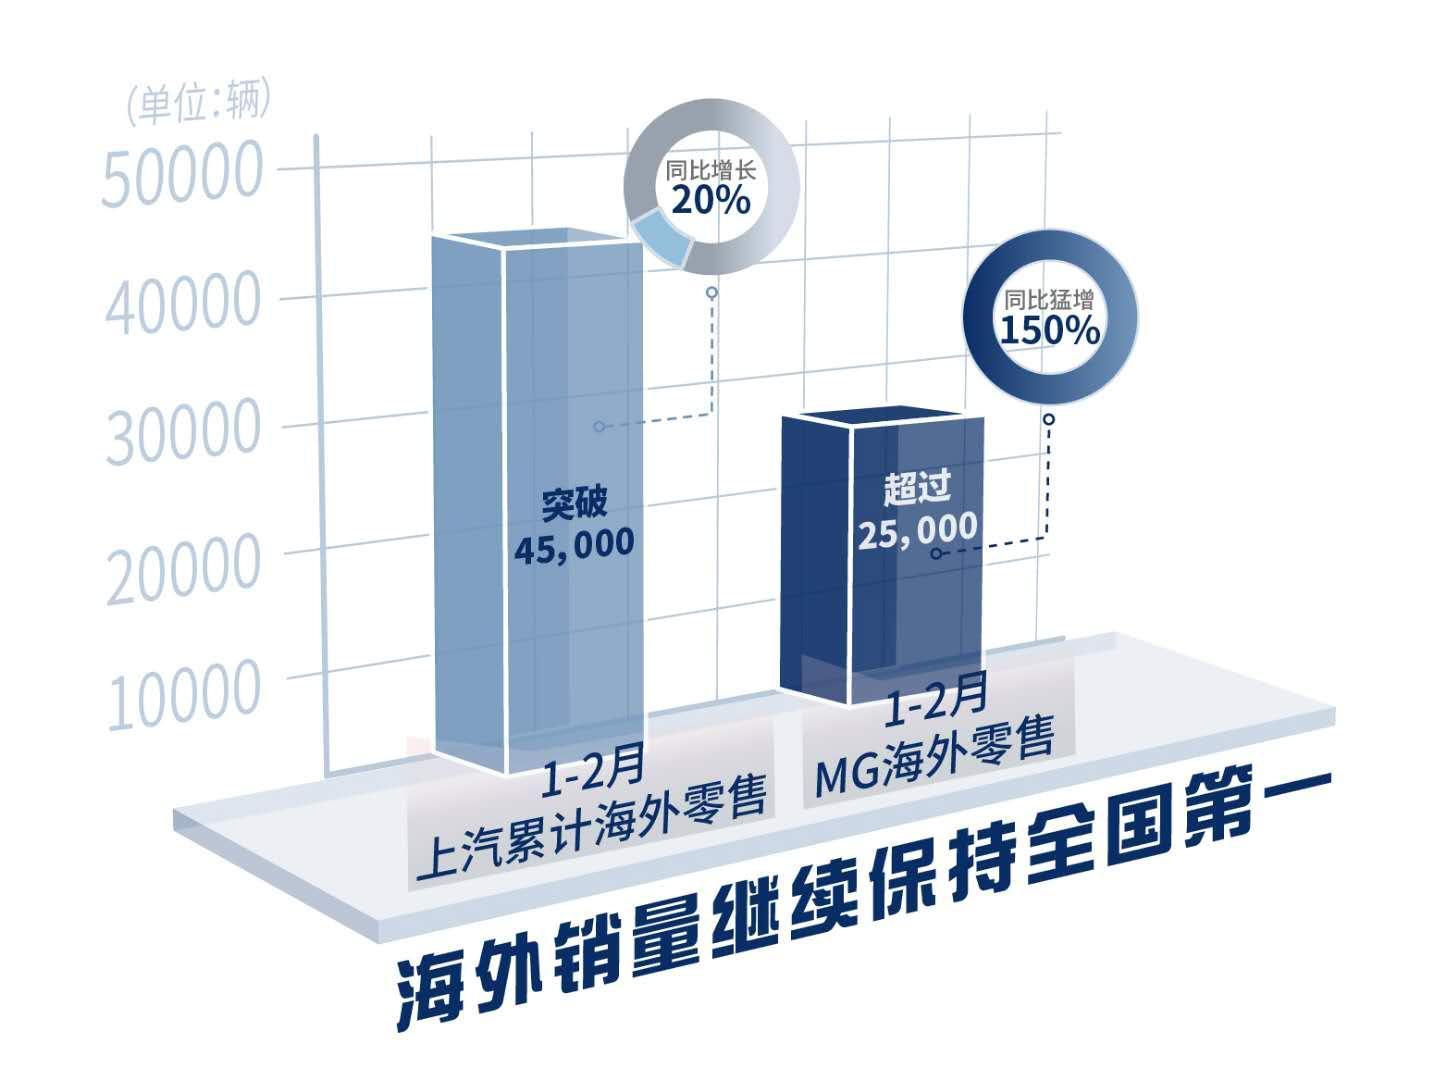 1.上汽集团1-2月海外销量图.jpg